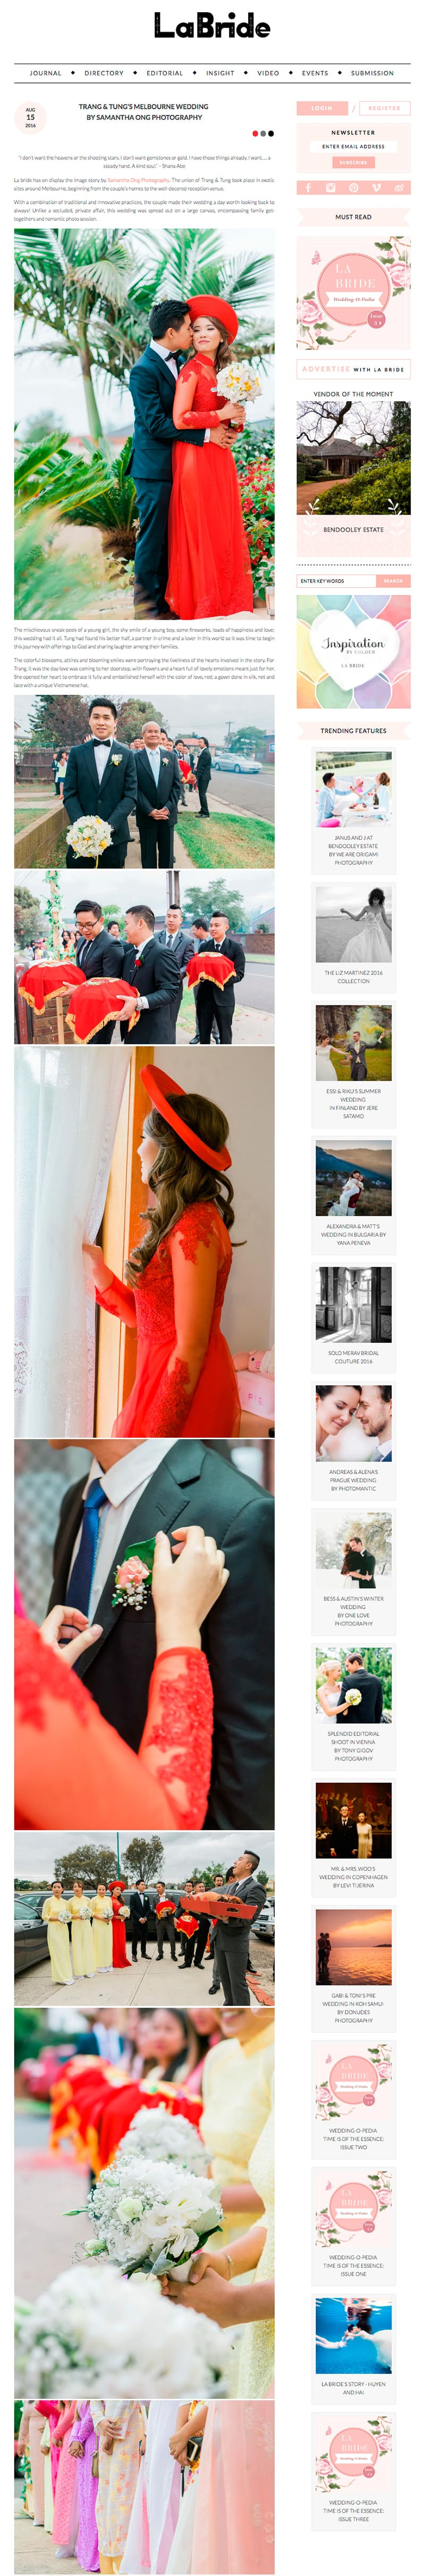 vietnamese-melbourne-wedding-photos-samantha-ong-photography